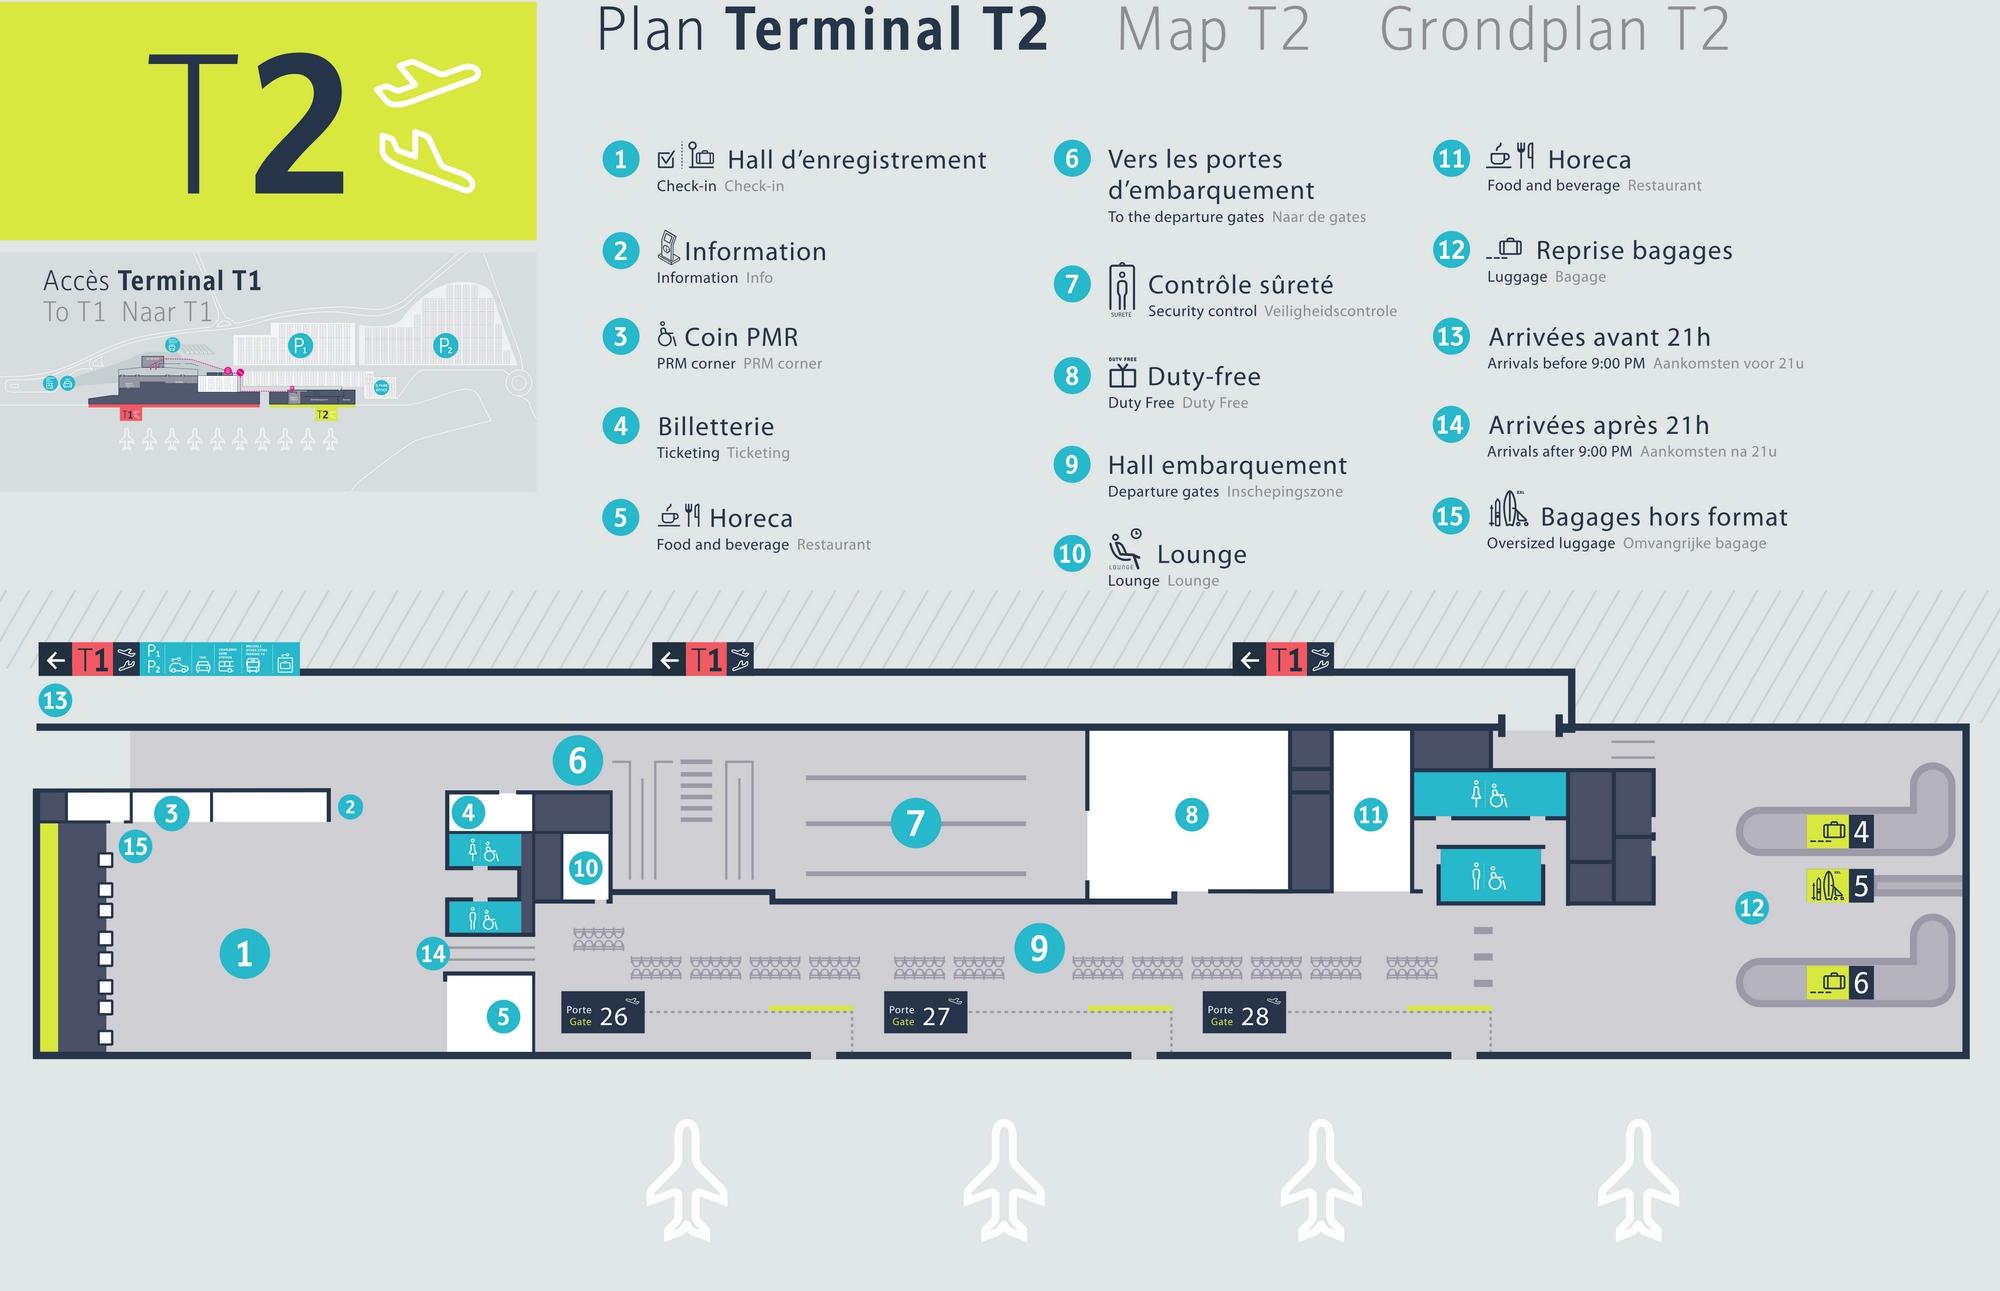 Схема аэропорта Шарлеруа